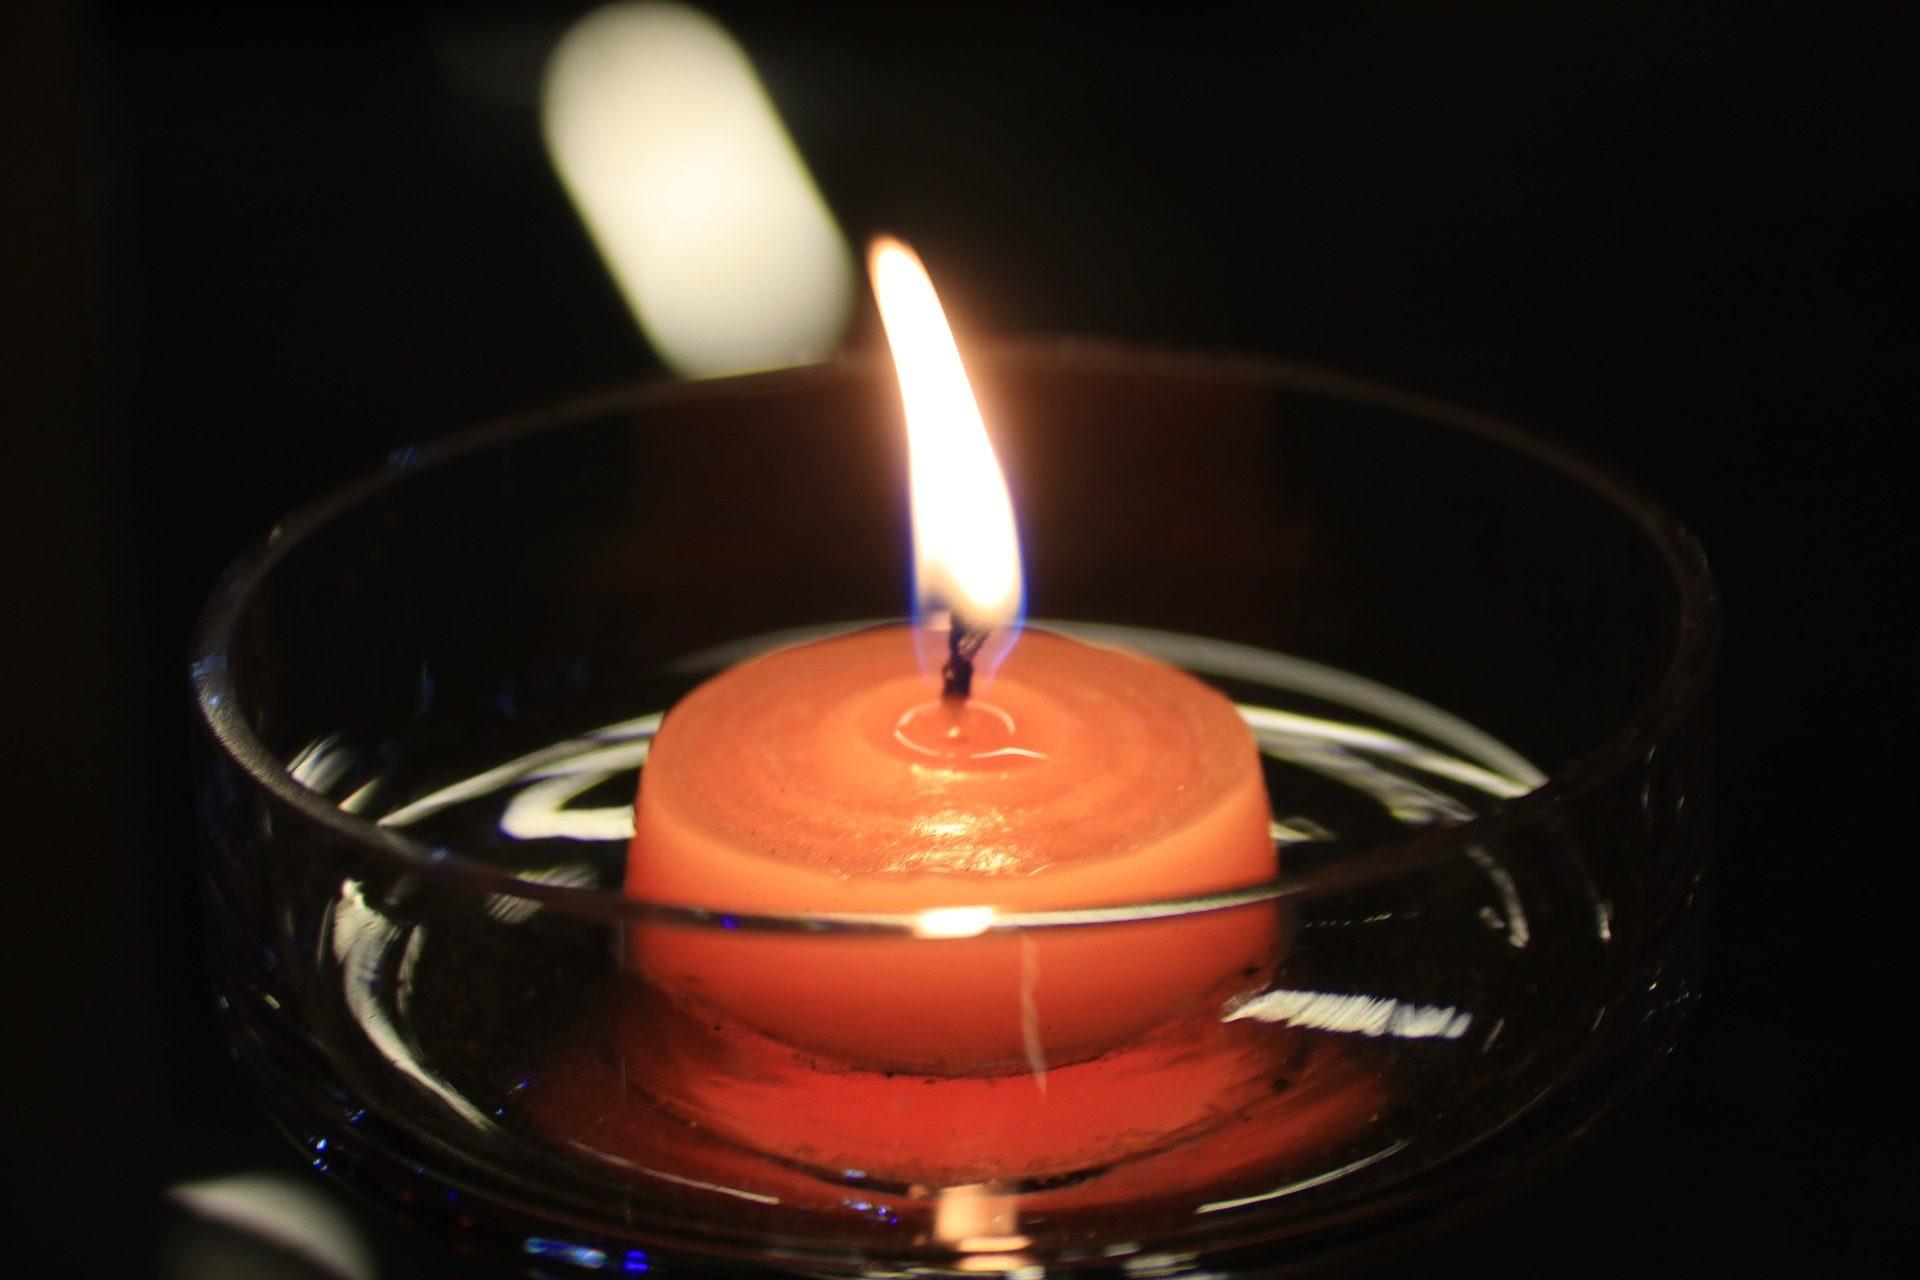 vela, cera, cuenco, vaso, llama, luz - Fondos de Pantalla HD - professor-falken.com